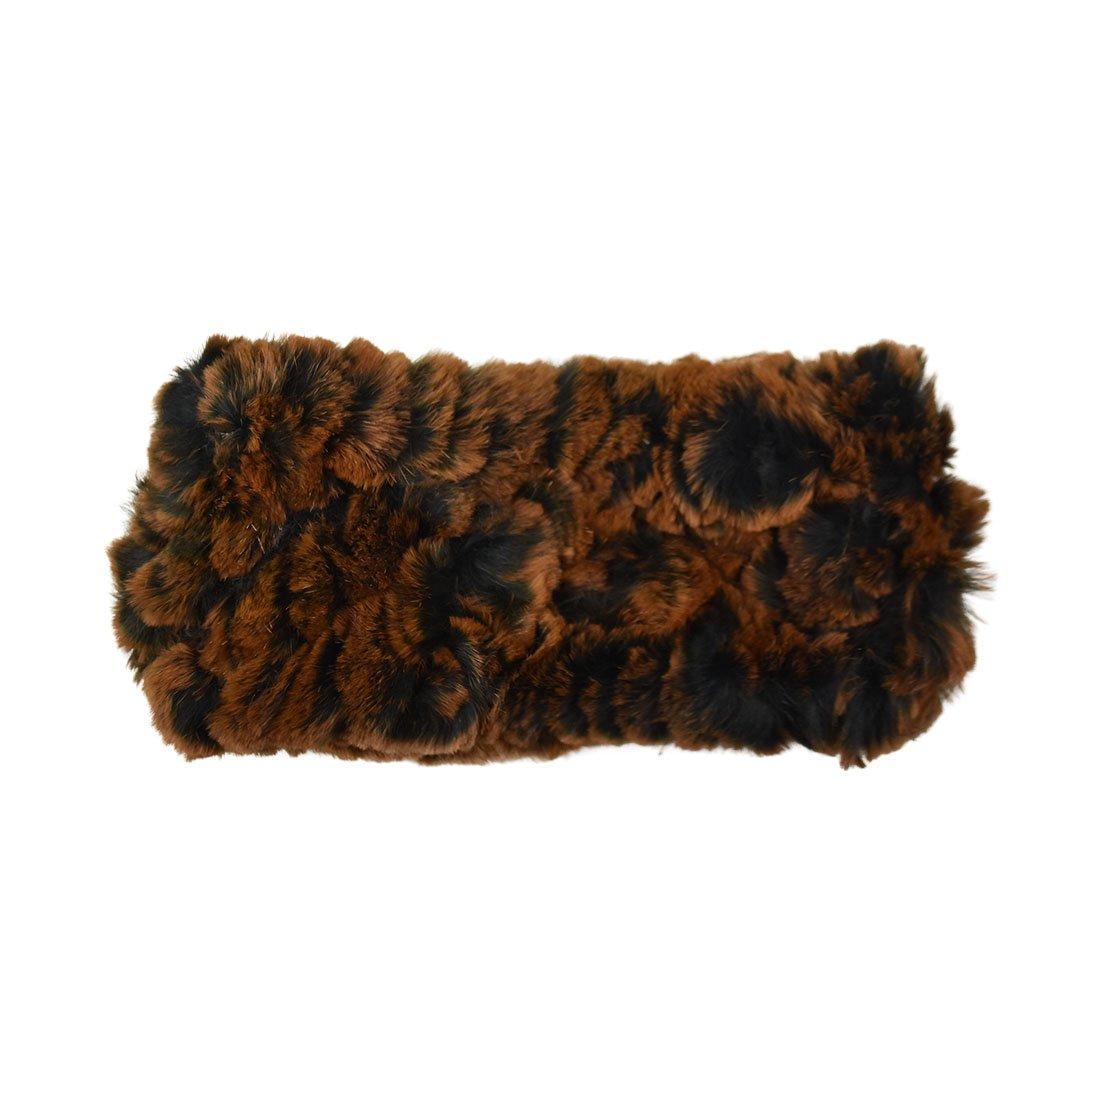 Reversable Rabbit Fur/Cable Knit Kids Ear Muffler Head Wrap DCEM0027